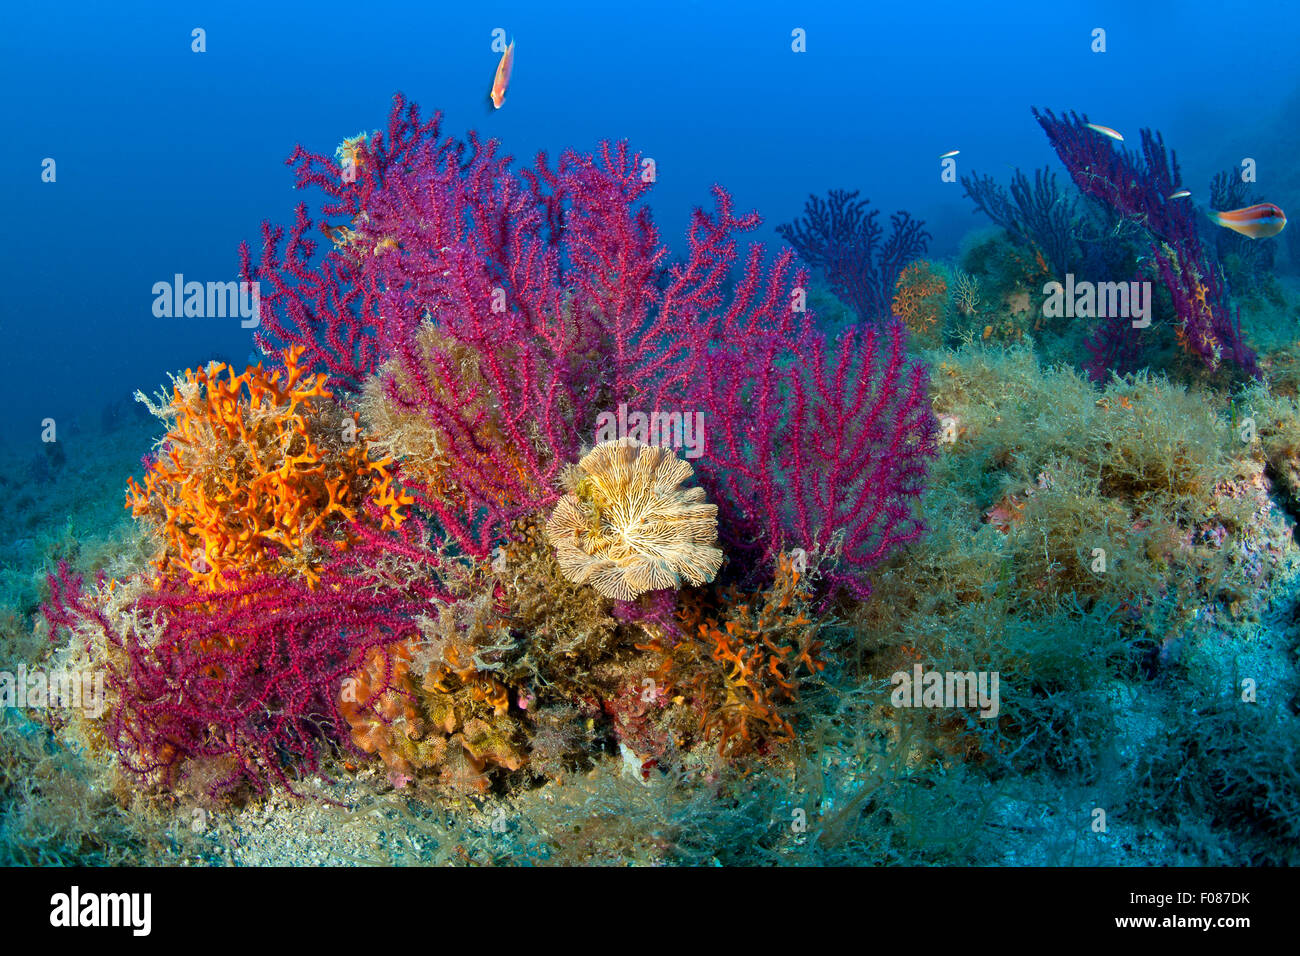 Gorgonie variabile in Coral Reef, Paramuricea clavata, Massa Lubrense, Campania, Italia Immagini Stock